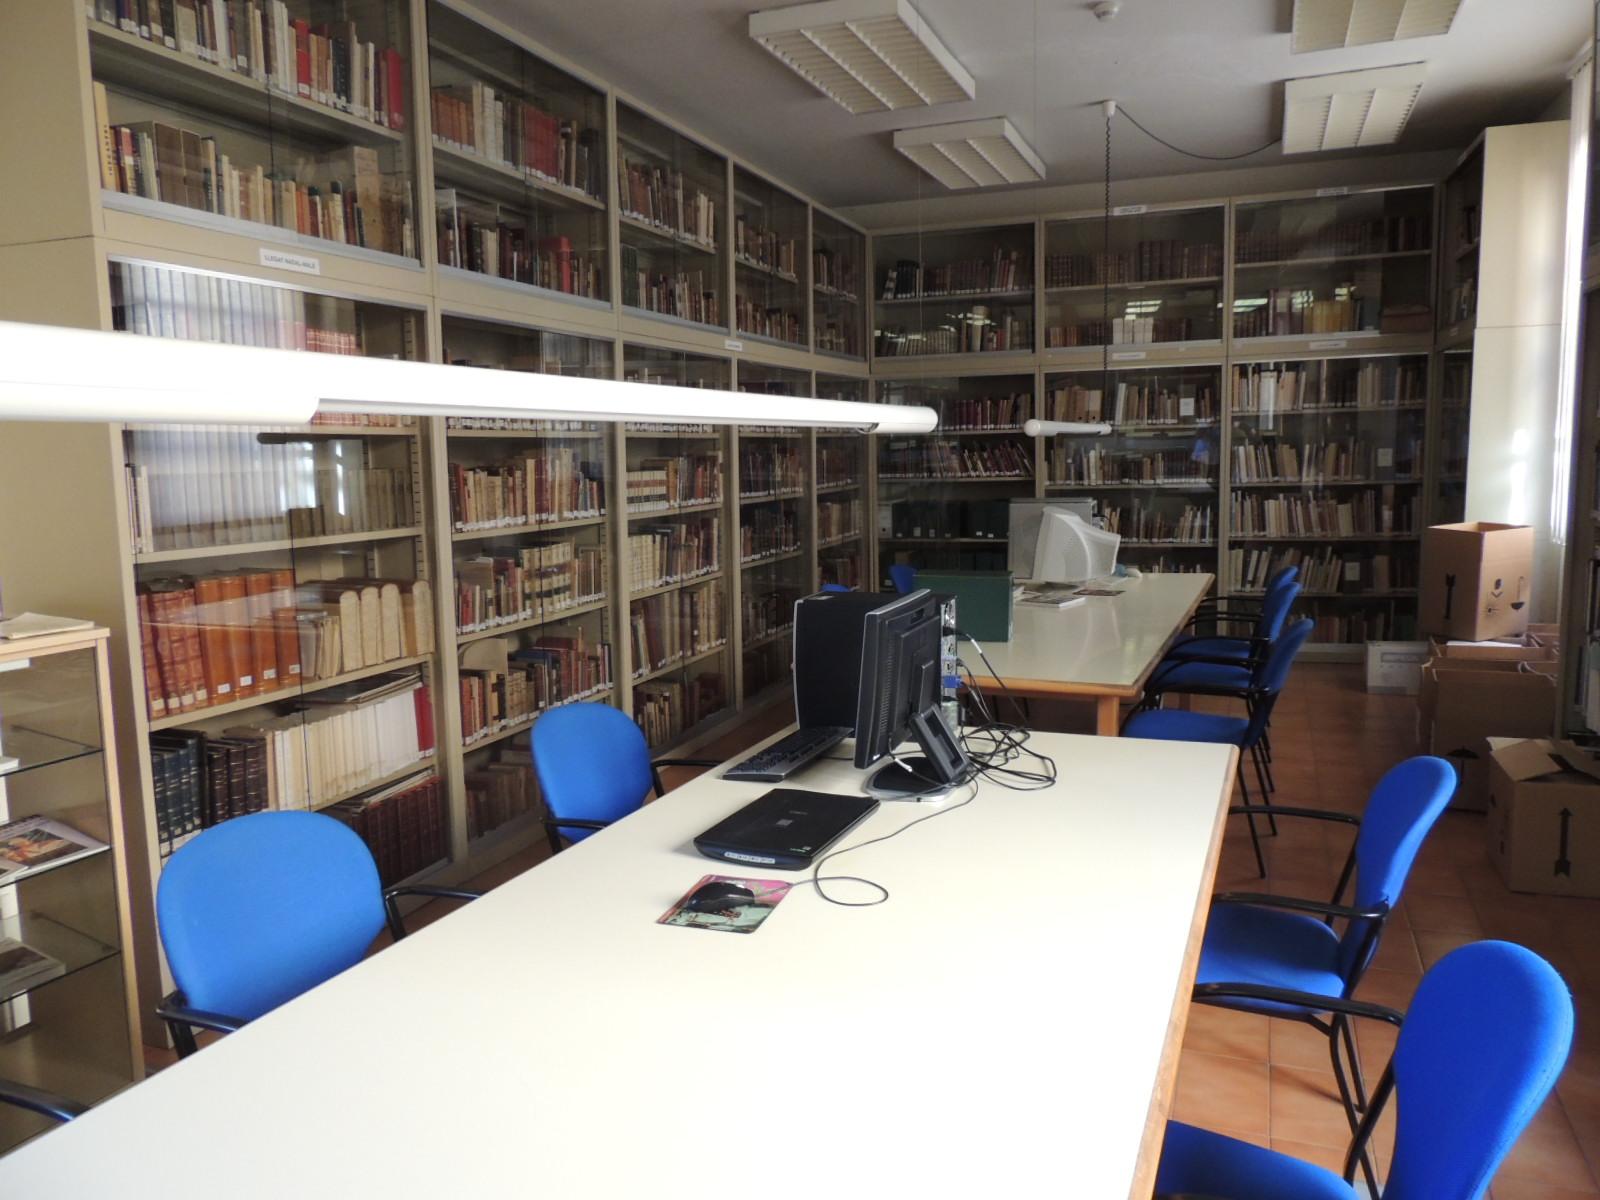 Aquesta ha estat la sala de consulta de la Biblioteca-Hemeroteca Municipal de Tarragona durant prop de 28 anys a l'Antic Ajuntament (foto: Elena Virgili)